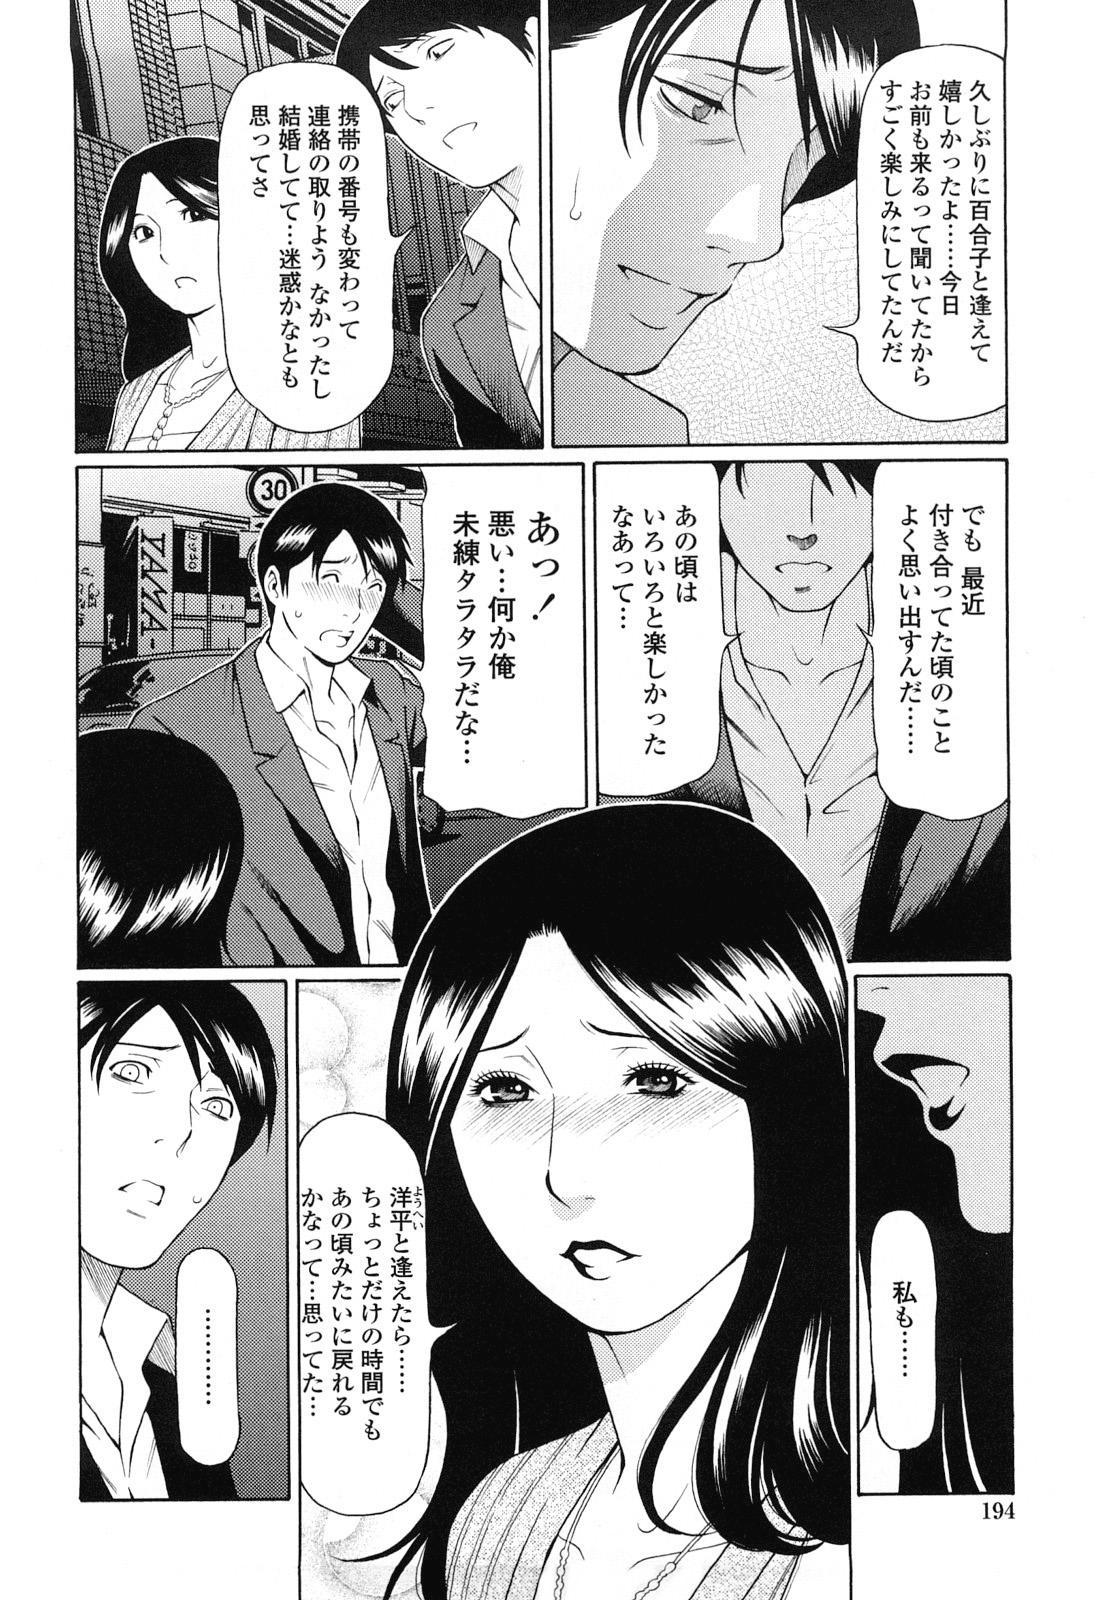 [Takasugi Kou] Kindan no Haha-Ana - Immorality Love-Hole Ch. 11-12 [Decensored] 21